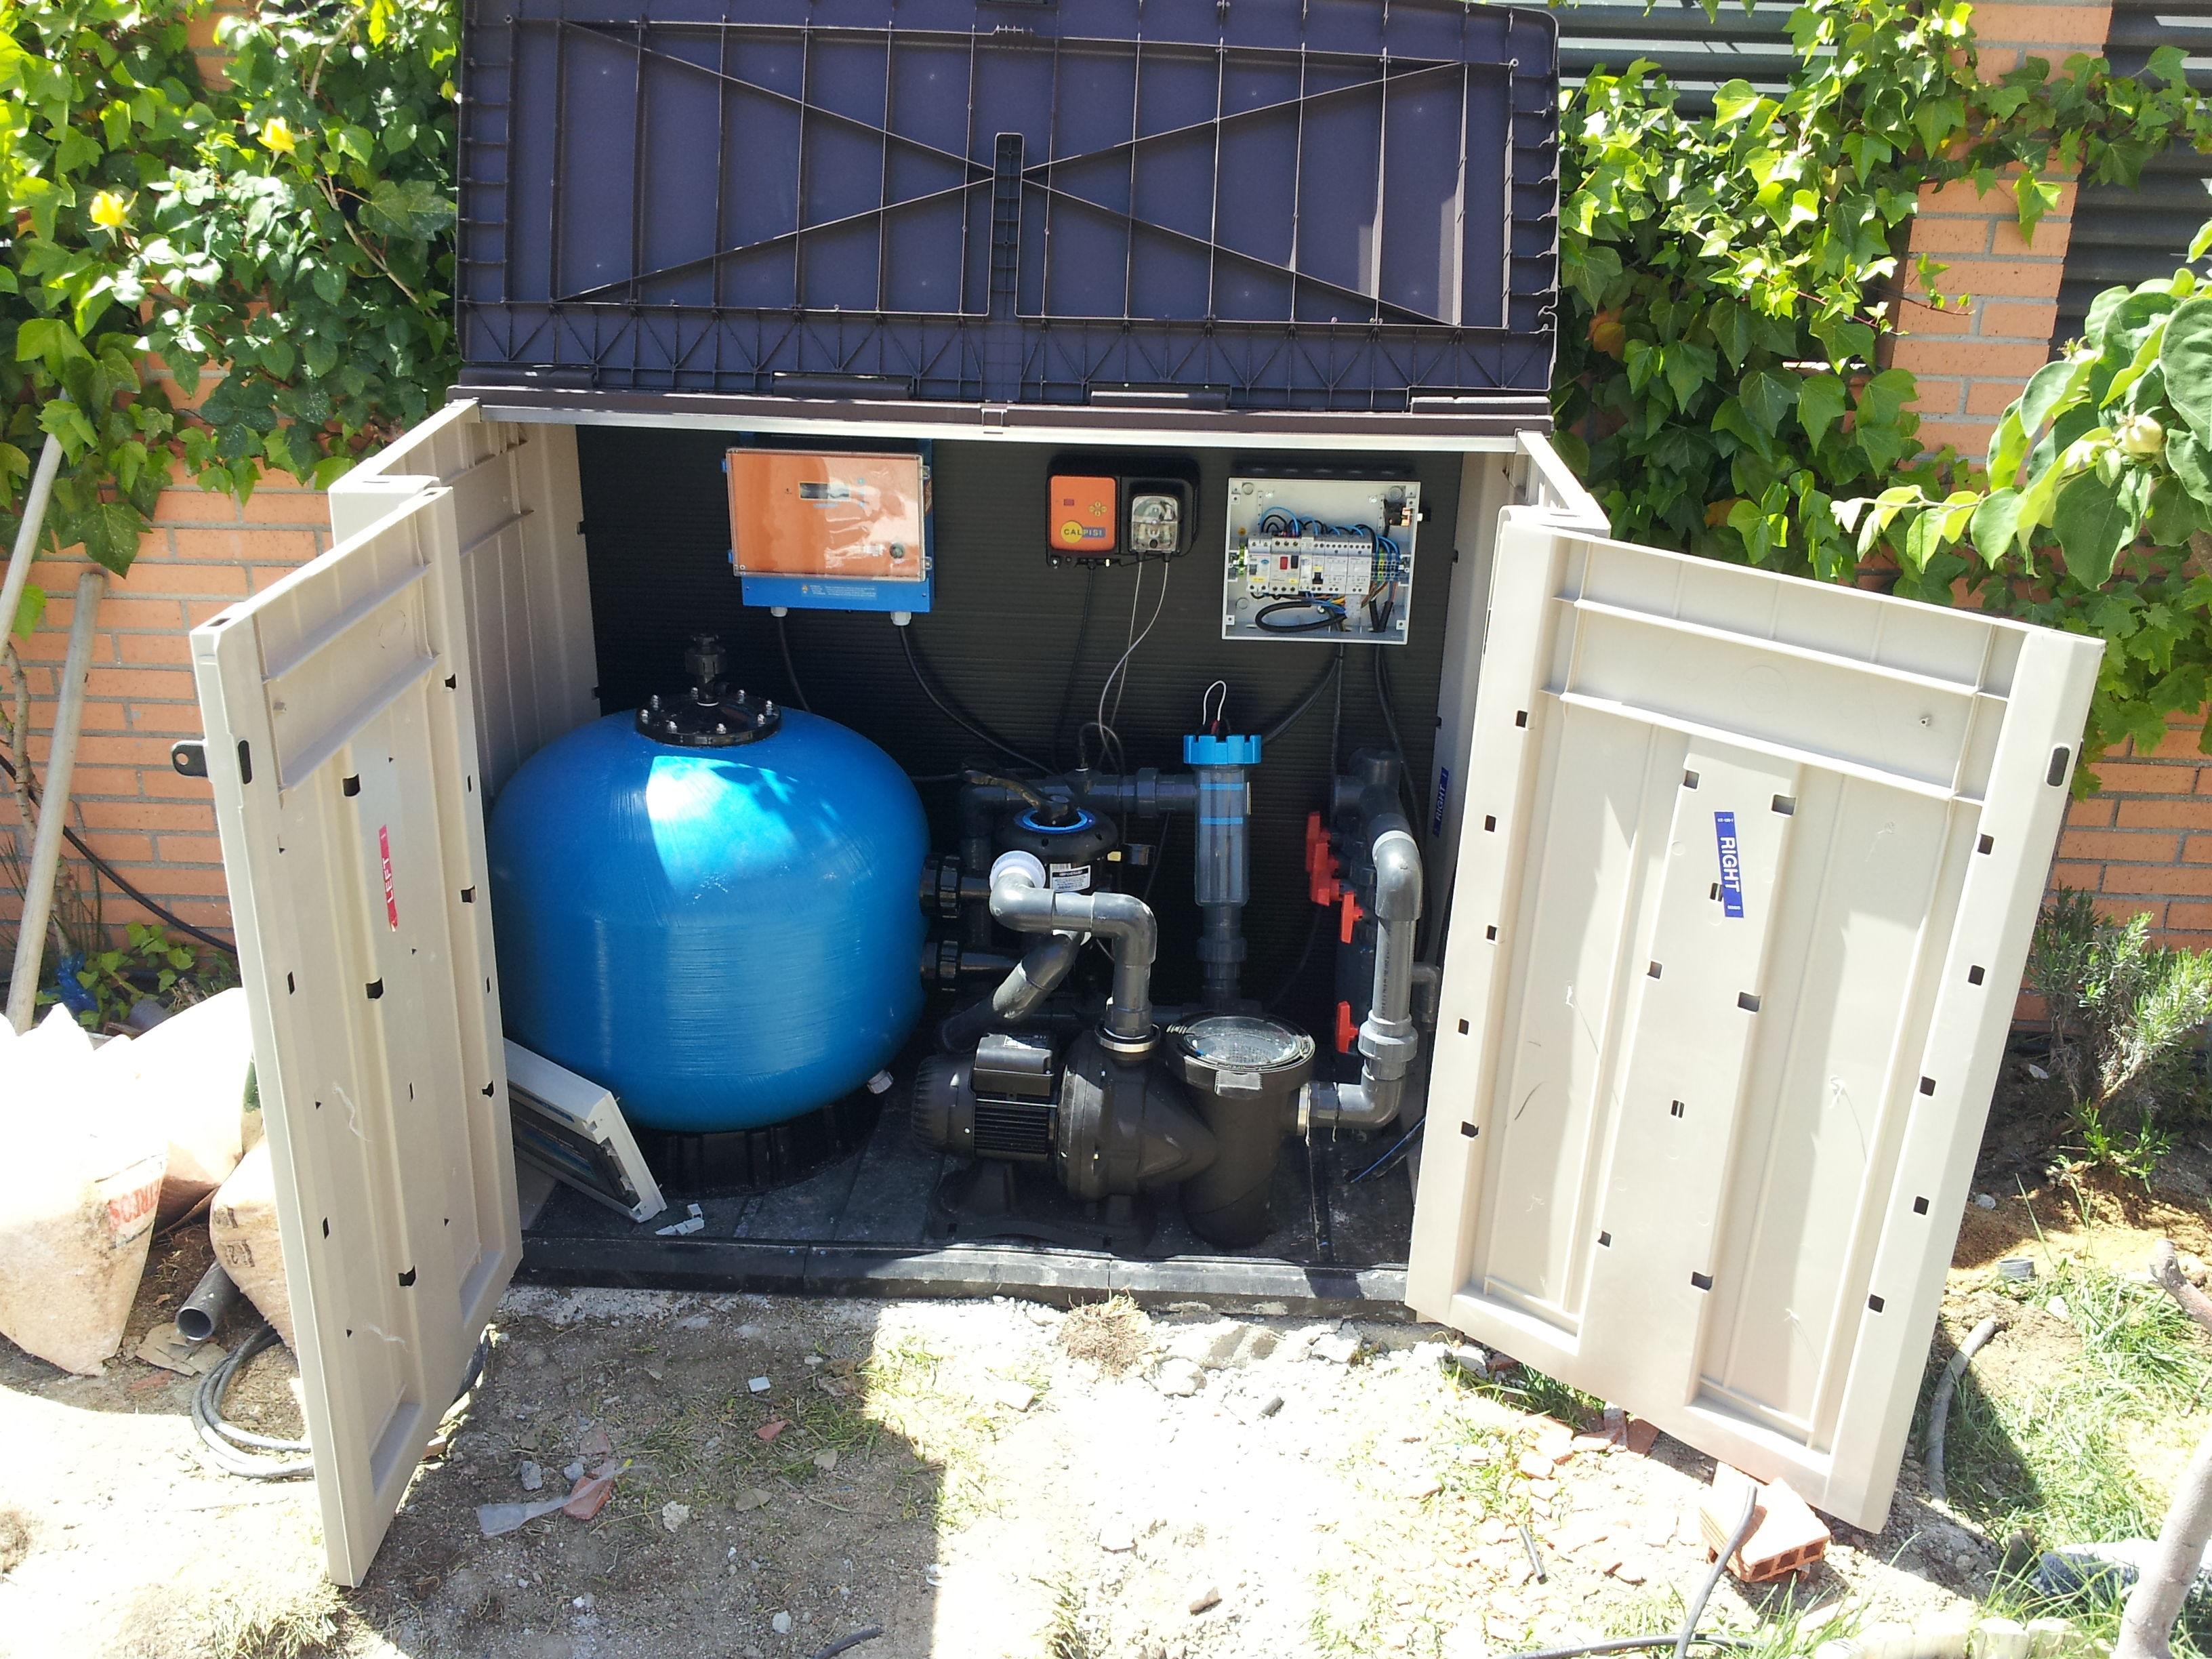 Depuradora de exterior cat logo de piscinas lualpool for Depuradora piscina